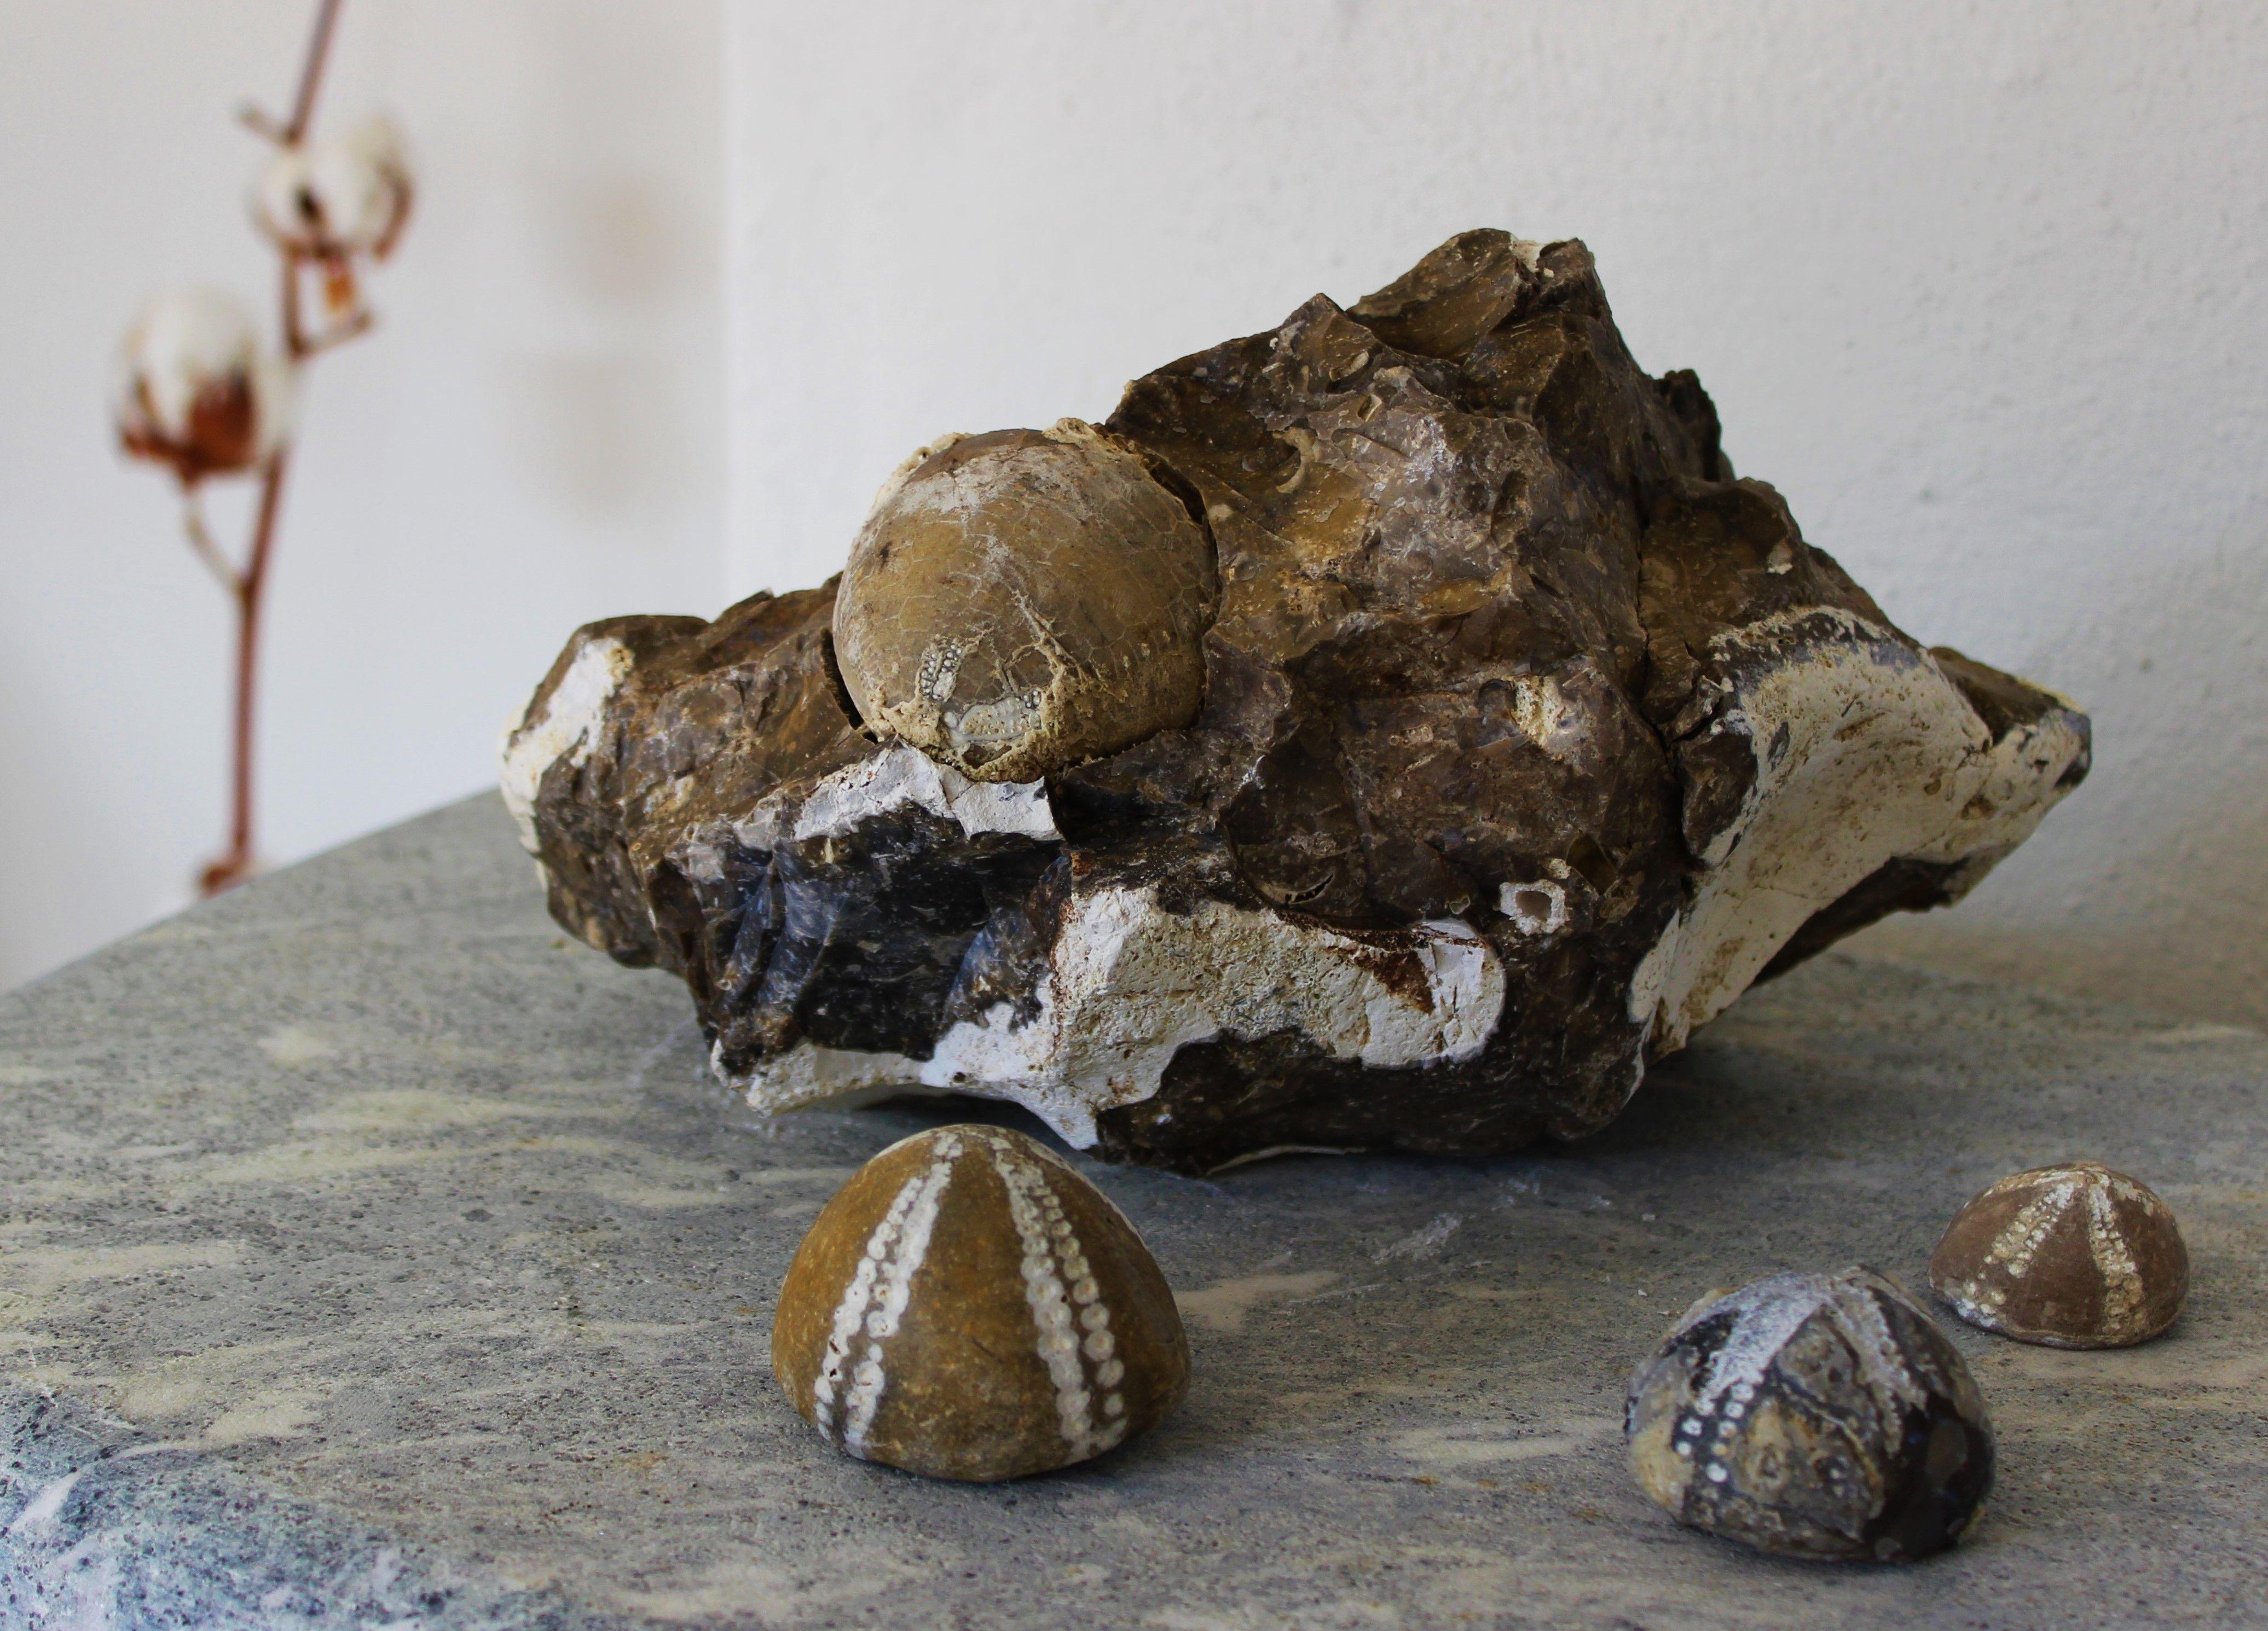 Irregulære fossile søpindsvin (Echinocorys) fra slutningen af kridttiden, ca. 65 mill. år. Den ene sidder endnu i en løs flinteblok. Fundet på Knud Strand, Salling, marts 2015.